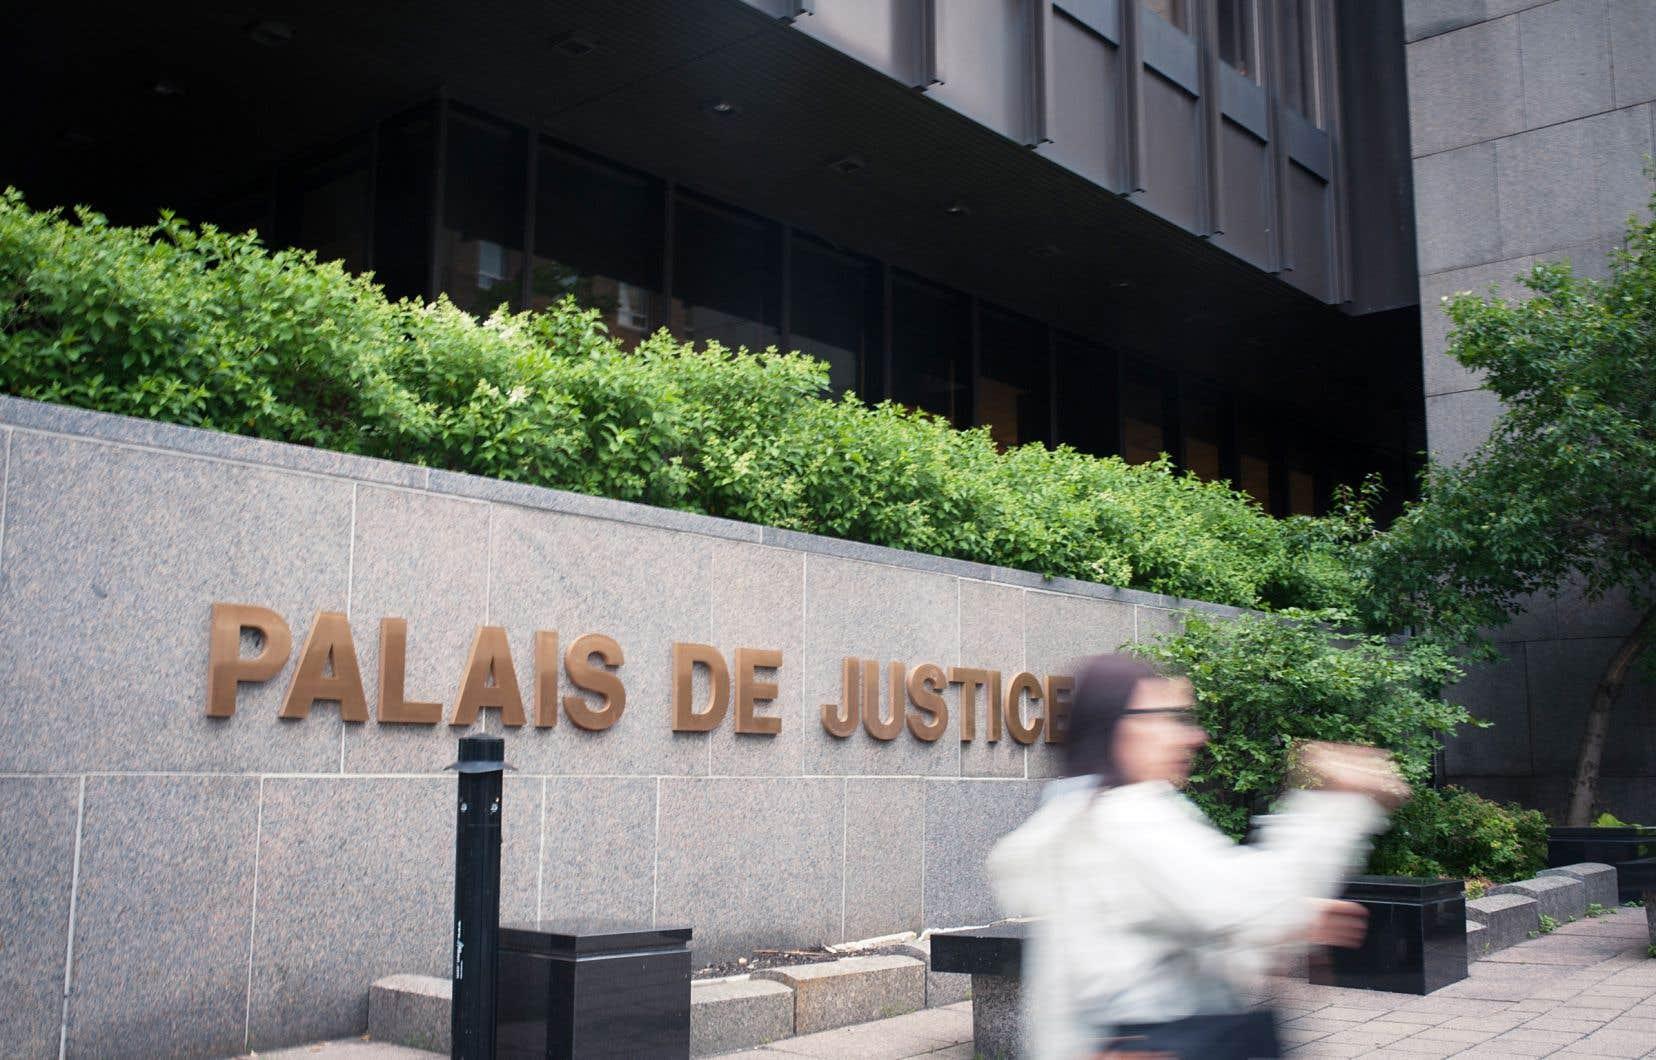 La récente vague de dénonciations au Québec pour harcèlement et agressions sexuelles a révélé un manque de confiance des victimes envers la justice.